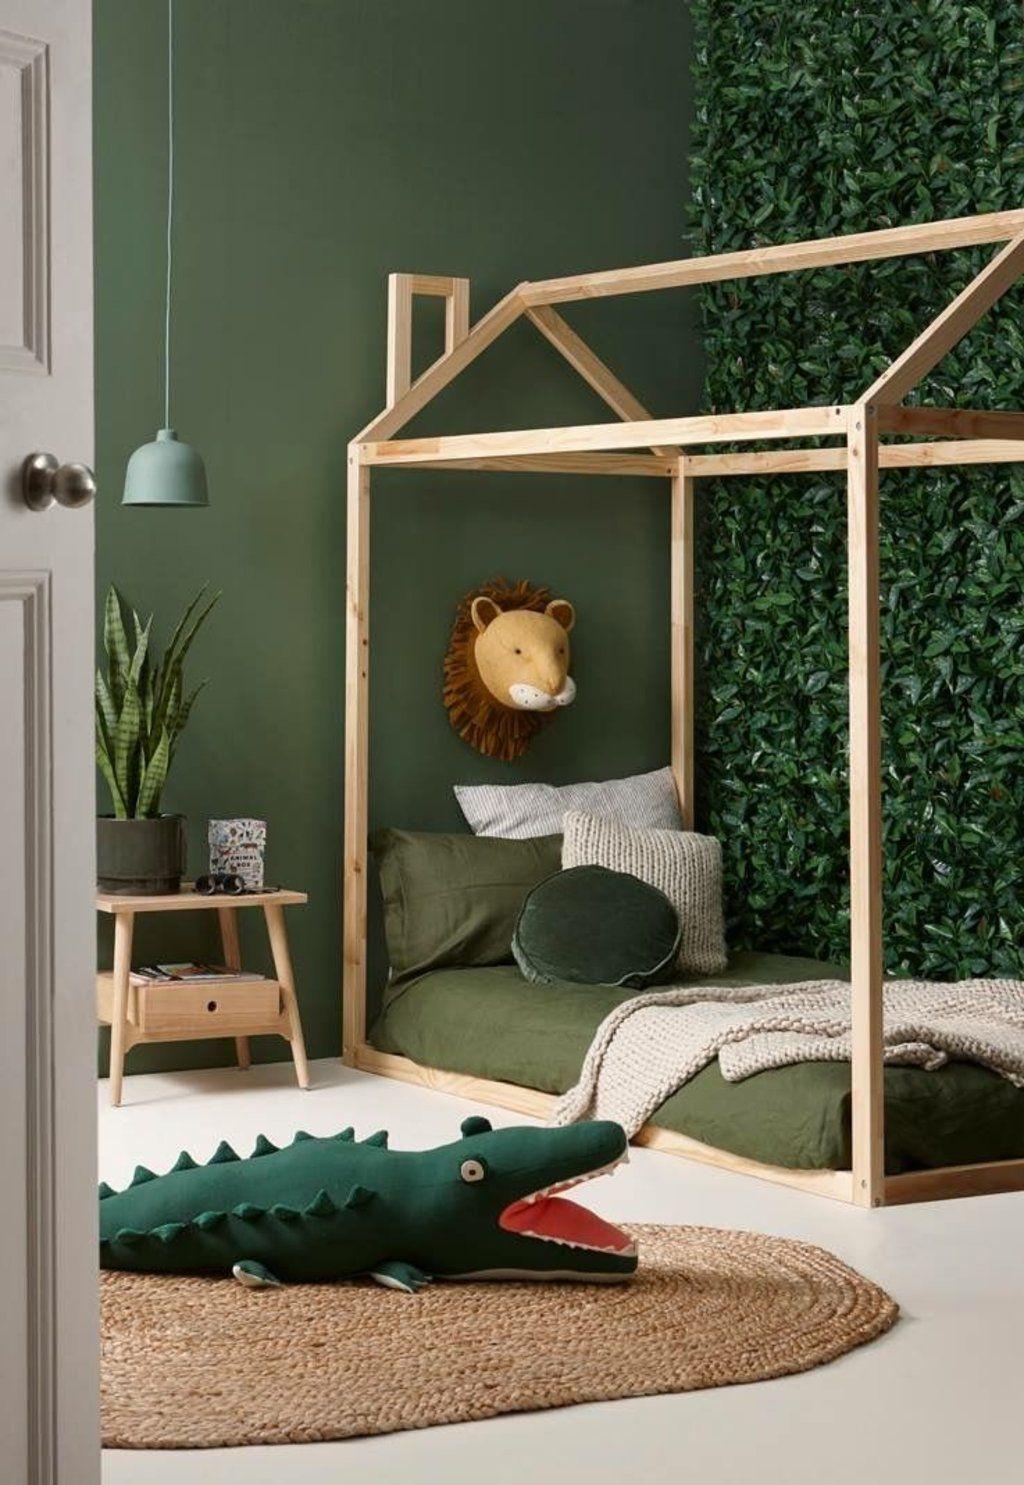 Chambre d enfant scandinave exotique vert marron beige - Deco chambre vert et marron ...